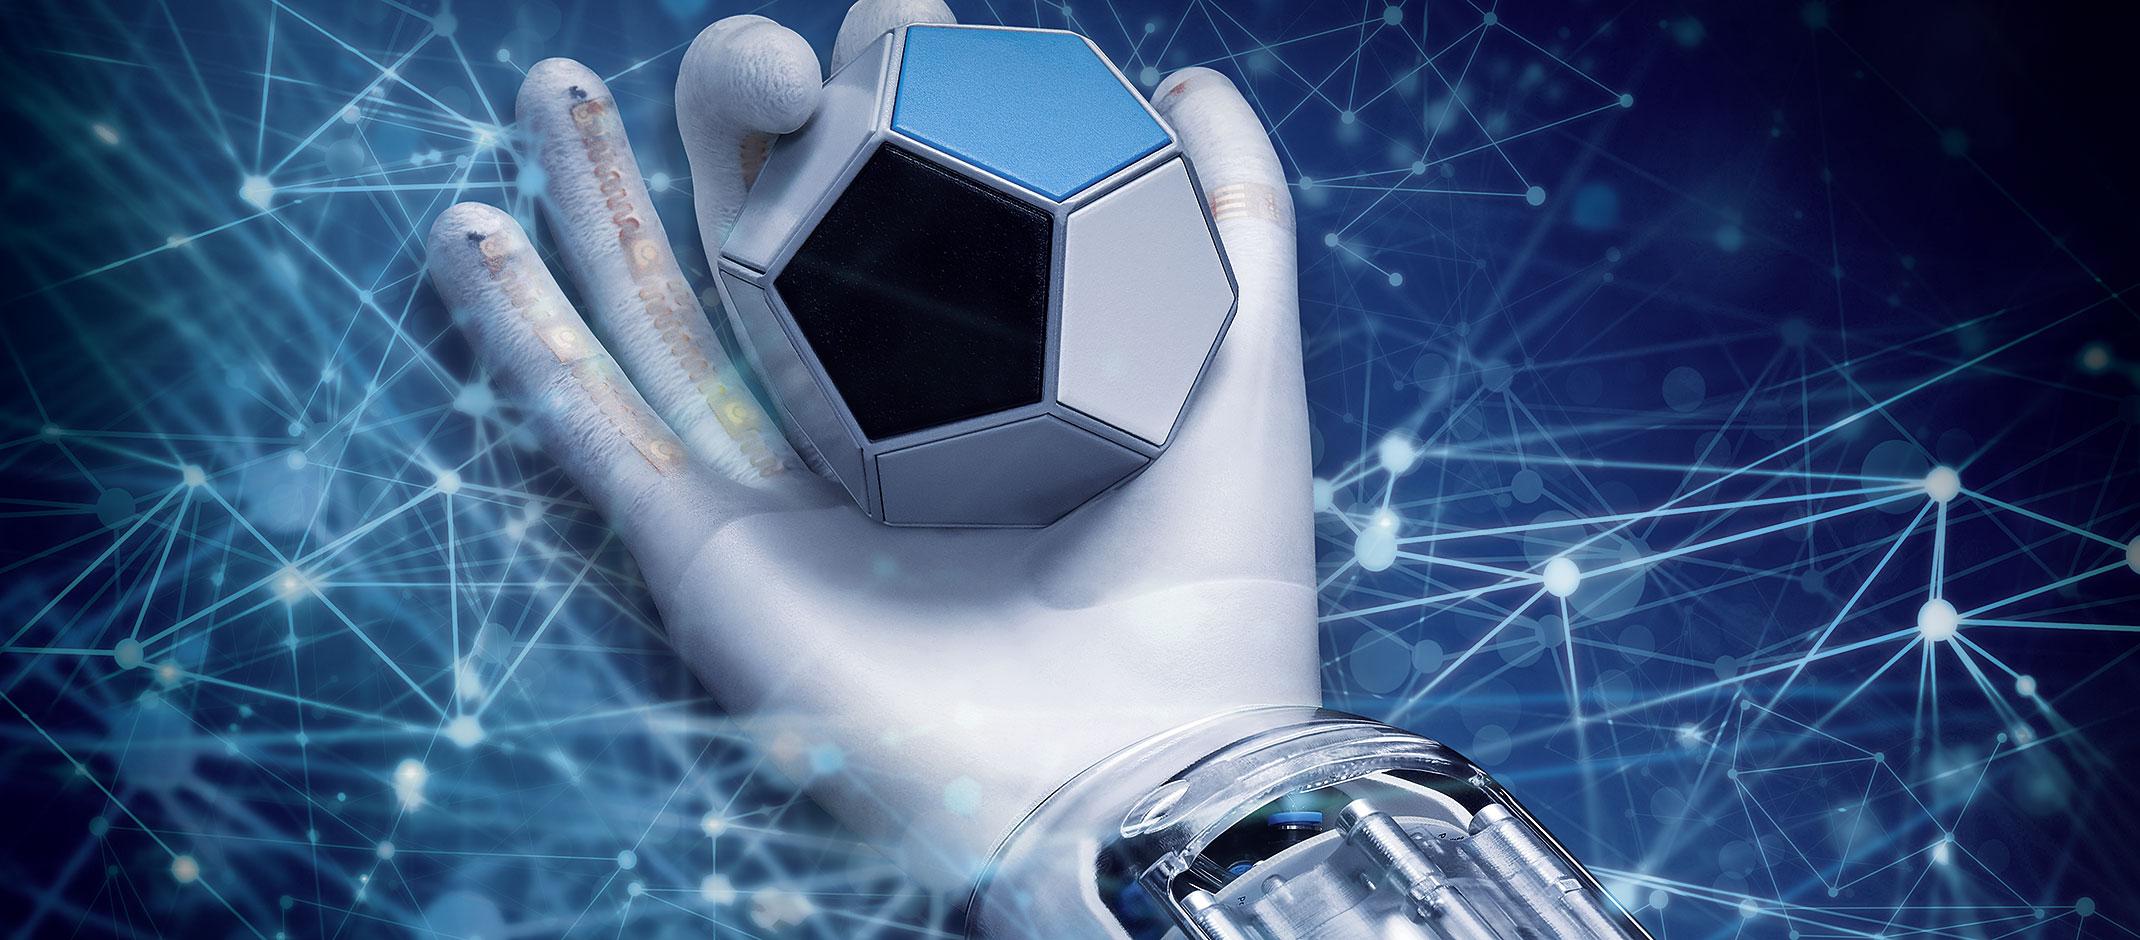 BioSoftHand: mão robótica macia que usa IA para estratégias de movimento